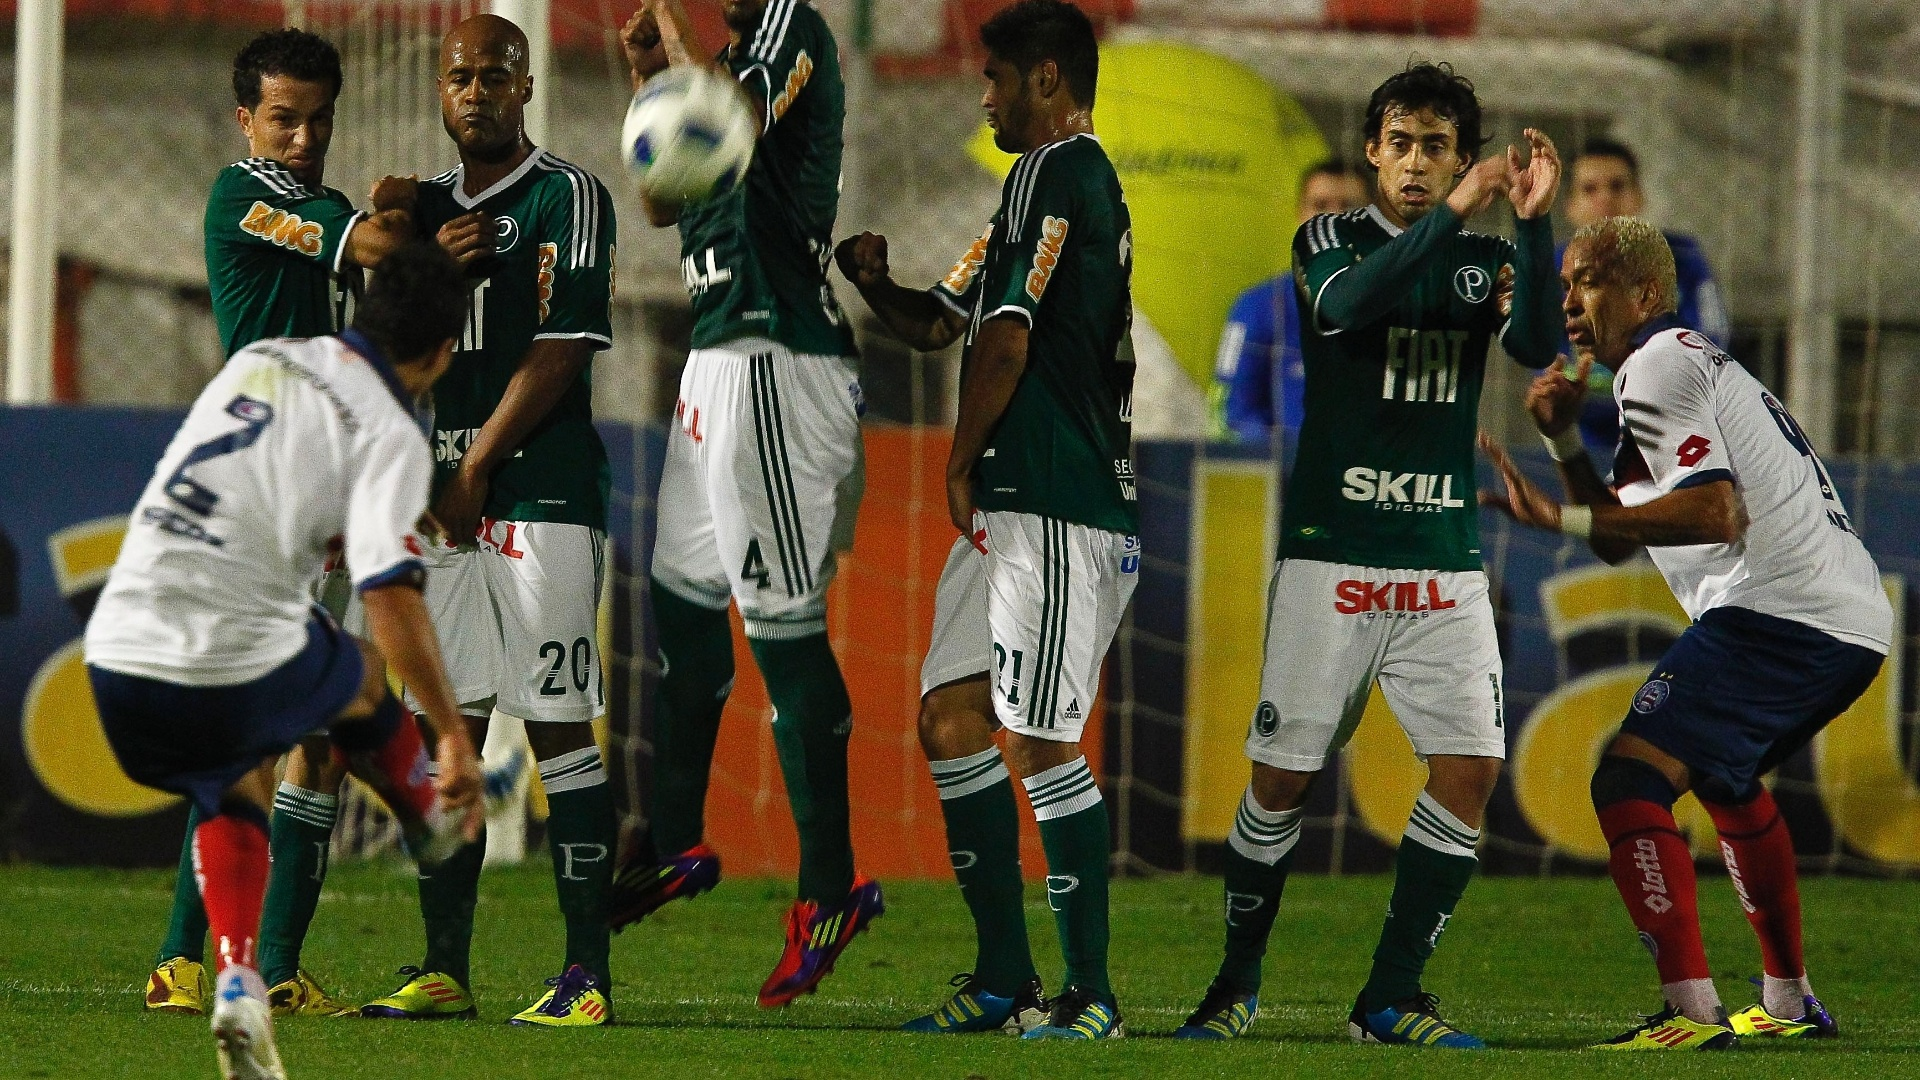 Barreira do Palmeiras pula para evitar chance de gol do Bahia em empate decepcionante dentro de casa